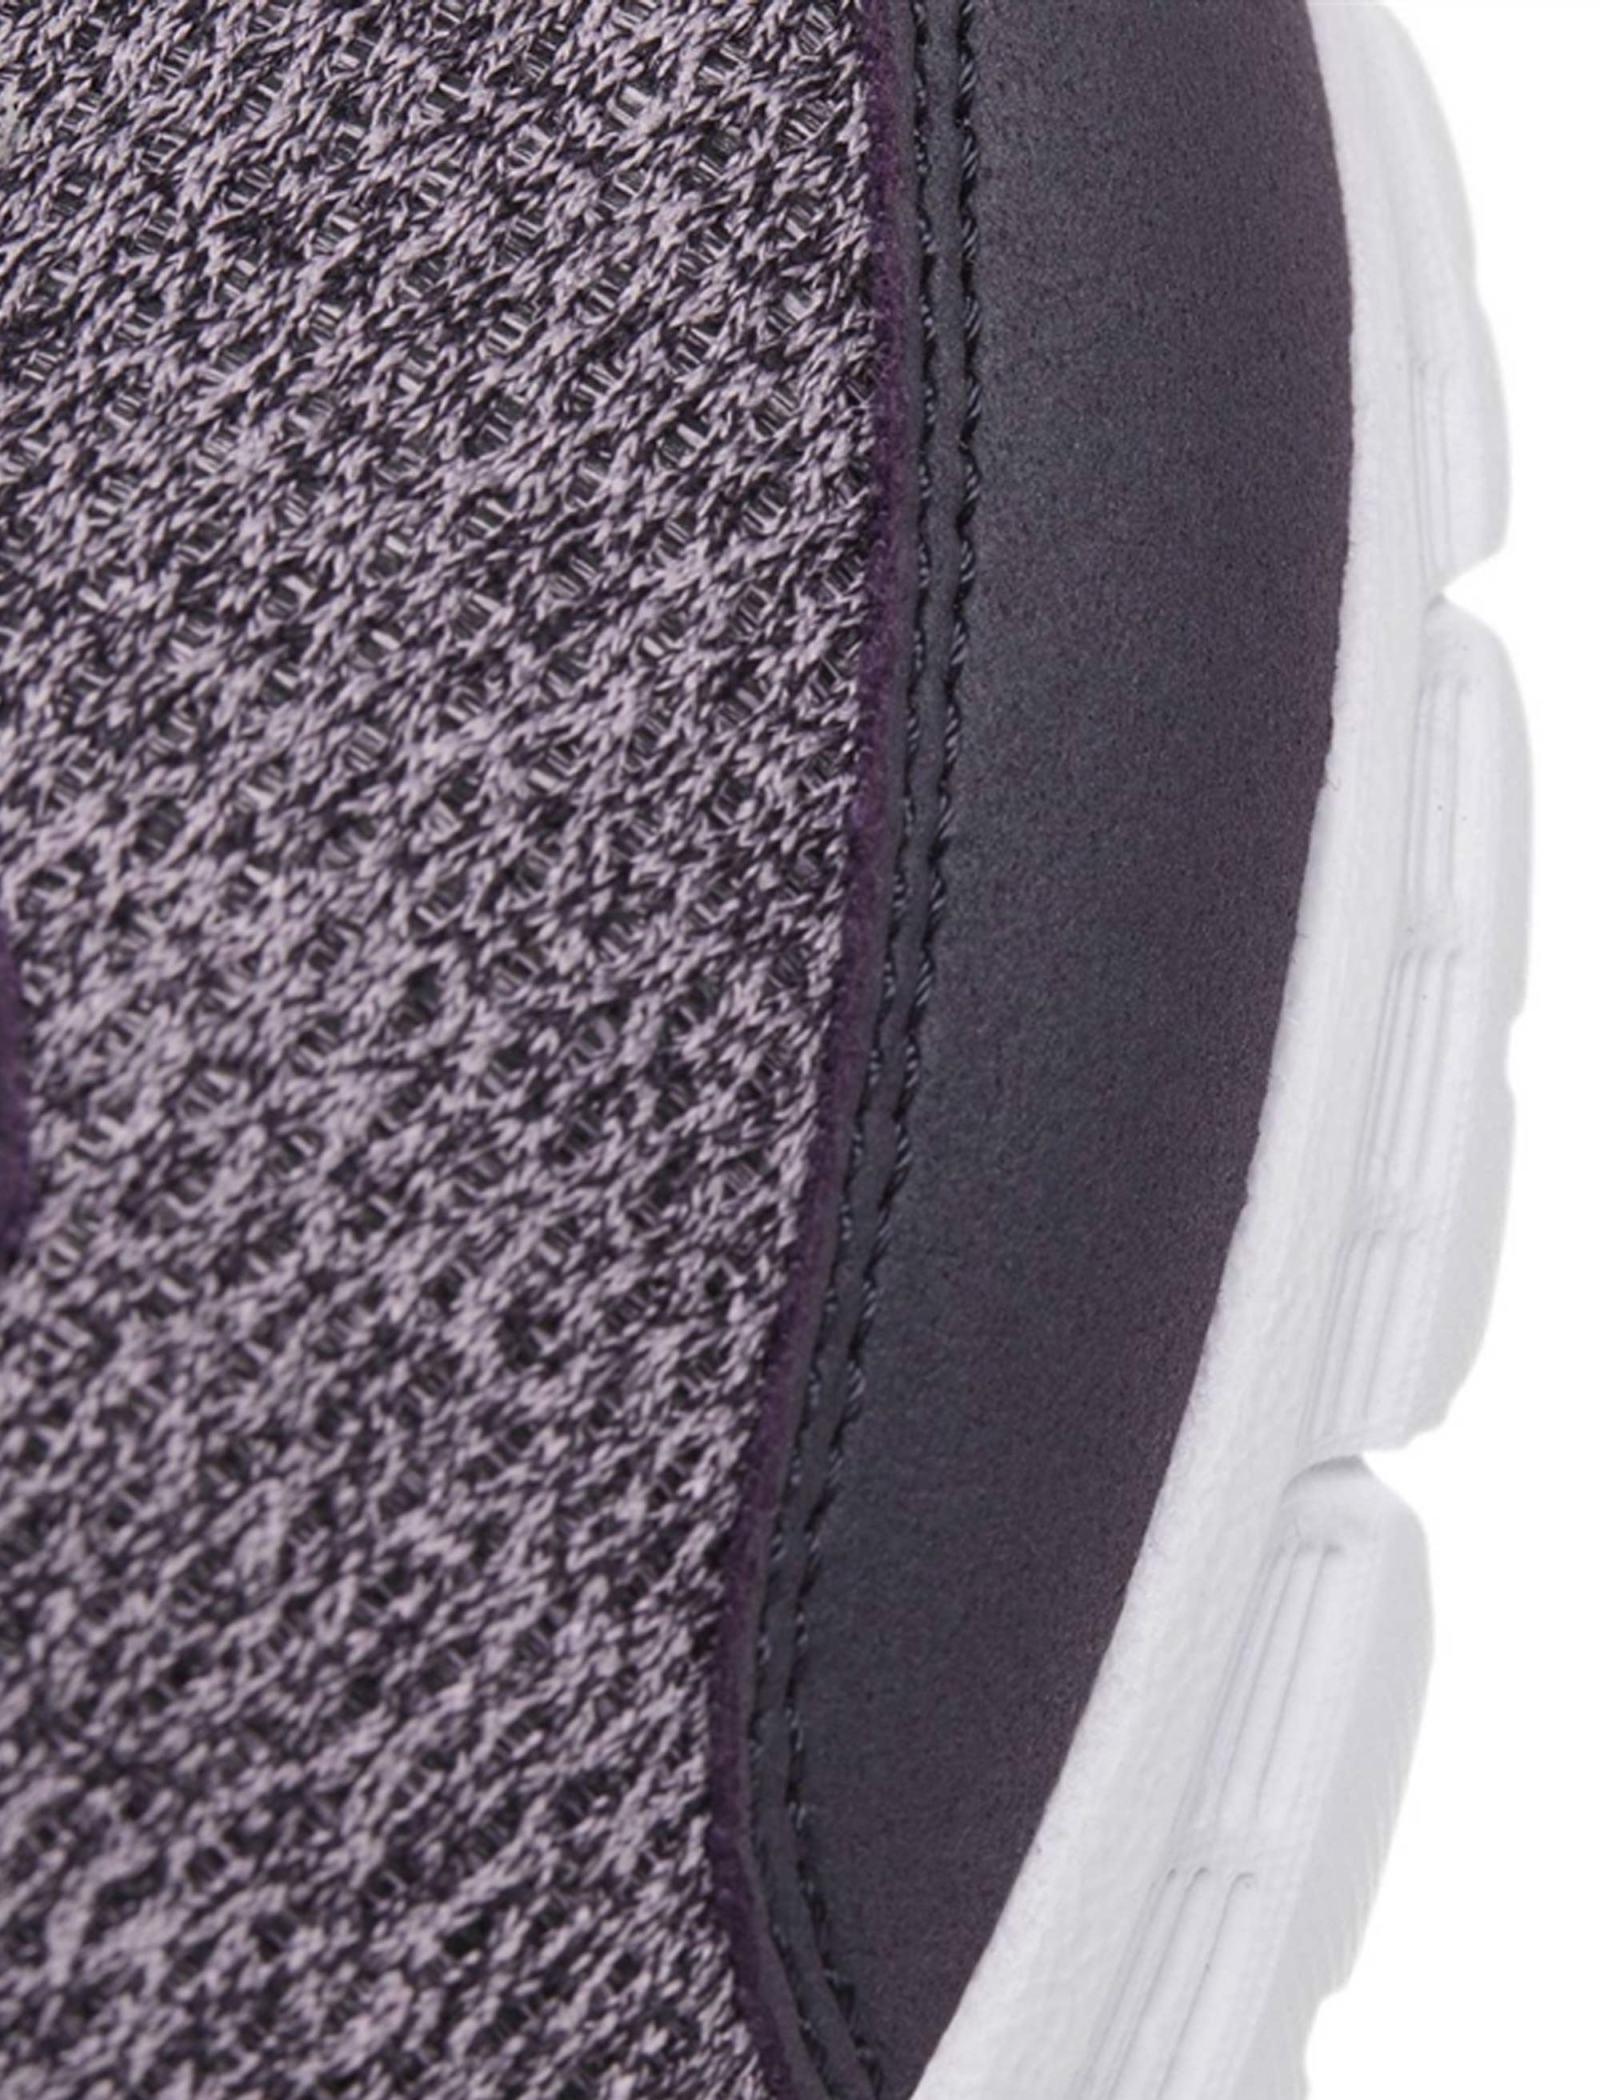 کفش مخصوص دویدن زنانه ریباک مدل Speedlux 3-0 - طوسي - 8